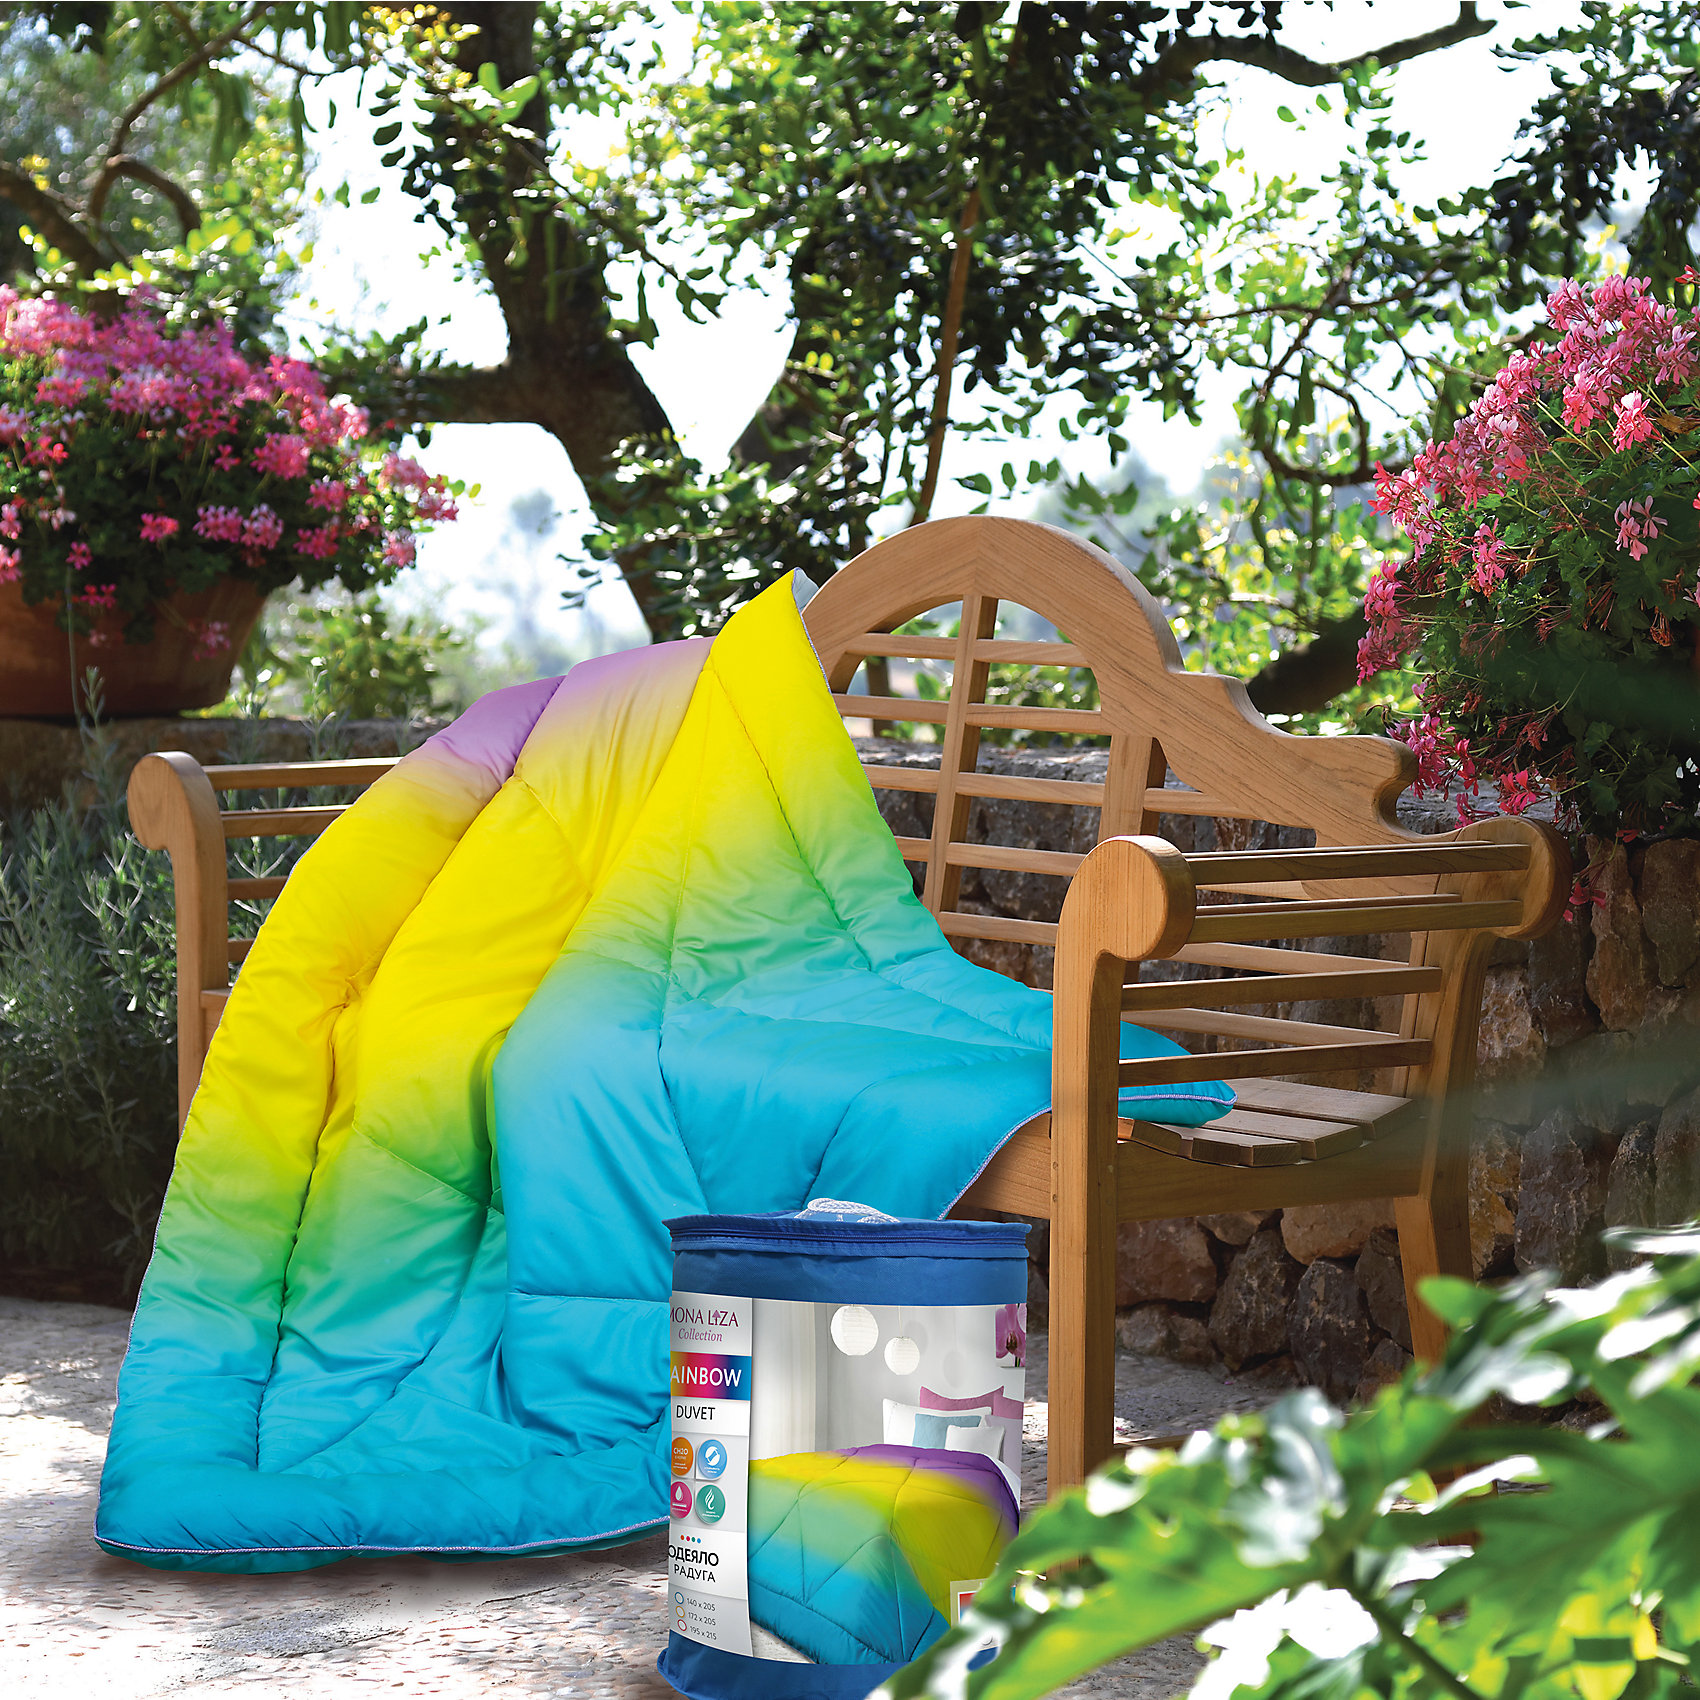 Одеяло 140*205 Радуга, 200гр., микрошелк, Mona LizaХарактеристики:<br><br>• Вид домашнего текстиля: одеяло<br>• Серия: Mona Liza Comfort<br>• Сезон: круглый год<br>• Материал чехла: микрофибра <br>• Наполнитель: 100% полиэстер (силиконизированное полотно)<br>• Цвет: желтый, розовый, голубой<br>• Размеры (Д*Ш): 140*205 см <br>• Тип упаковки: полиэтиленовая сумка с ручками<br>• Вес в упаковке: 900 г<br>• Особенности ухода: машинная стирка при температуре 30 градусов<br><br>Одеяло 140*205 Радуга 200гр., микрошелк, Mona Liza изготовлено под отечественным торговым брендом, выпускающим постельные принадлежности из натуральных тканей. Одеяло выполнено из микрофибры, которая отличается прочностью, воздухопроницаемостью и гипоаллергенными свойствами. В качестве наполнителя использовано силиконизированное волокно, которое полностью гипоаллергенно, длительное время хорошо держит форму. Плотность наполнителя одеяла составляет 200 г/м2, что делает его особенно теплым, но при этом легким по весу. Одеяло выполнено в ярком дизайне.<br>Одеяло 140*205 Радуга 200гр., микрошелк, Mona Liza – домашний текстиль, соответствующий международным стандартам качества и безопасности!<br><br>Одеяло 140*205 Радуга 200гр., микрошелк, Mona Liza можно купить в нашем интернет-магазине.<br><br>Ширина мм: 540<br>Глубина мм: 160<br>Высота мм: 460<br>Вес г: 1450<br>Возраст от месяцев: 84<br>Возраст до месяцев: 216<br>Пол: Унисекс<br>Возраст: Детский<br>SKU: 5165694